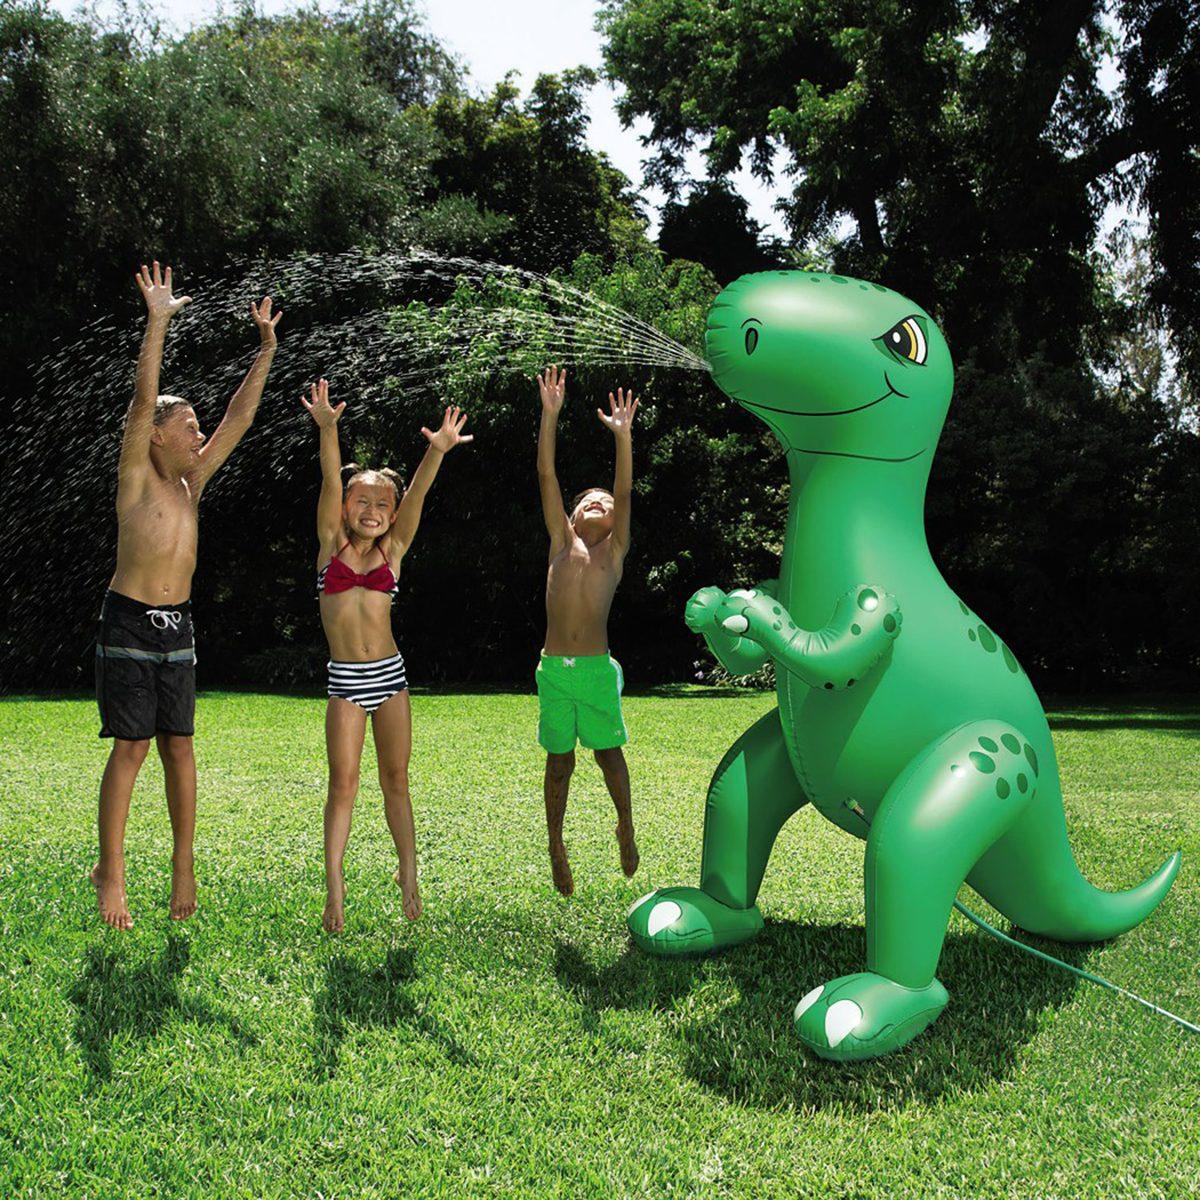 Giant Dino Sprinkler